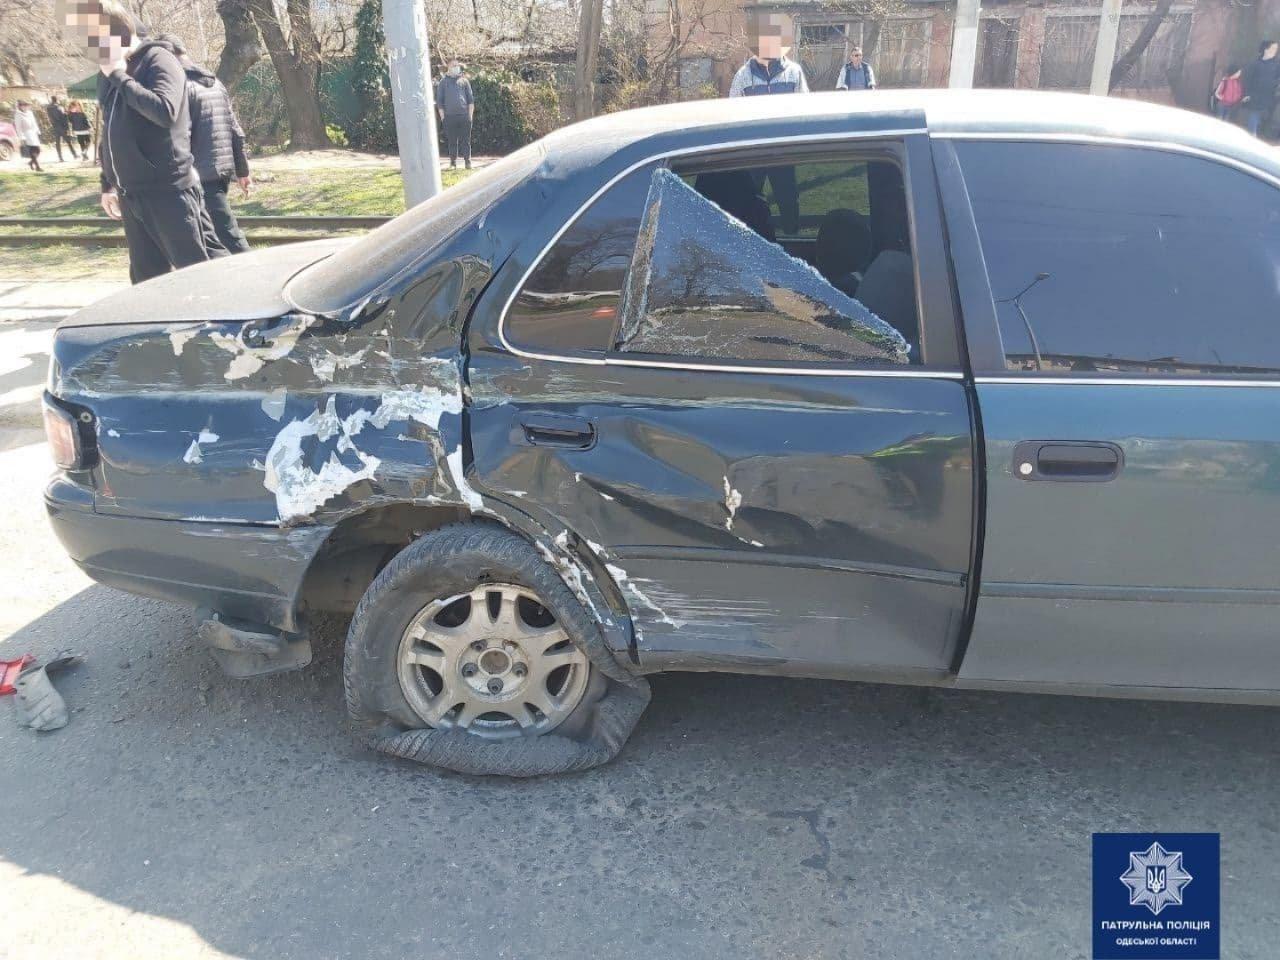 Есть пострадавшие: появились подробности ДТП с участием трамвая в Одессе, - ФОТО, ВИДЕО , фото-2